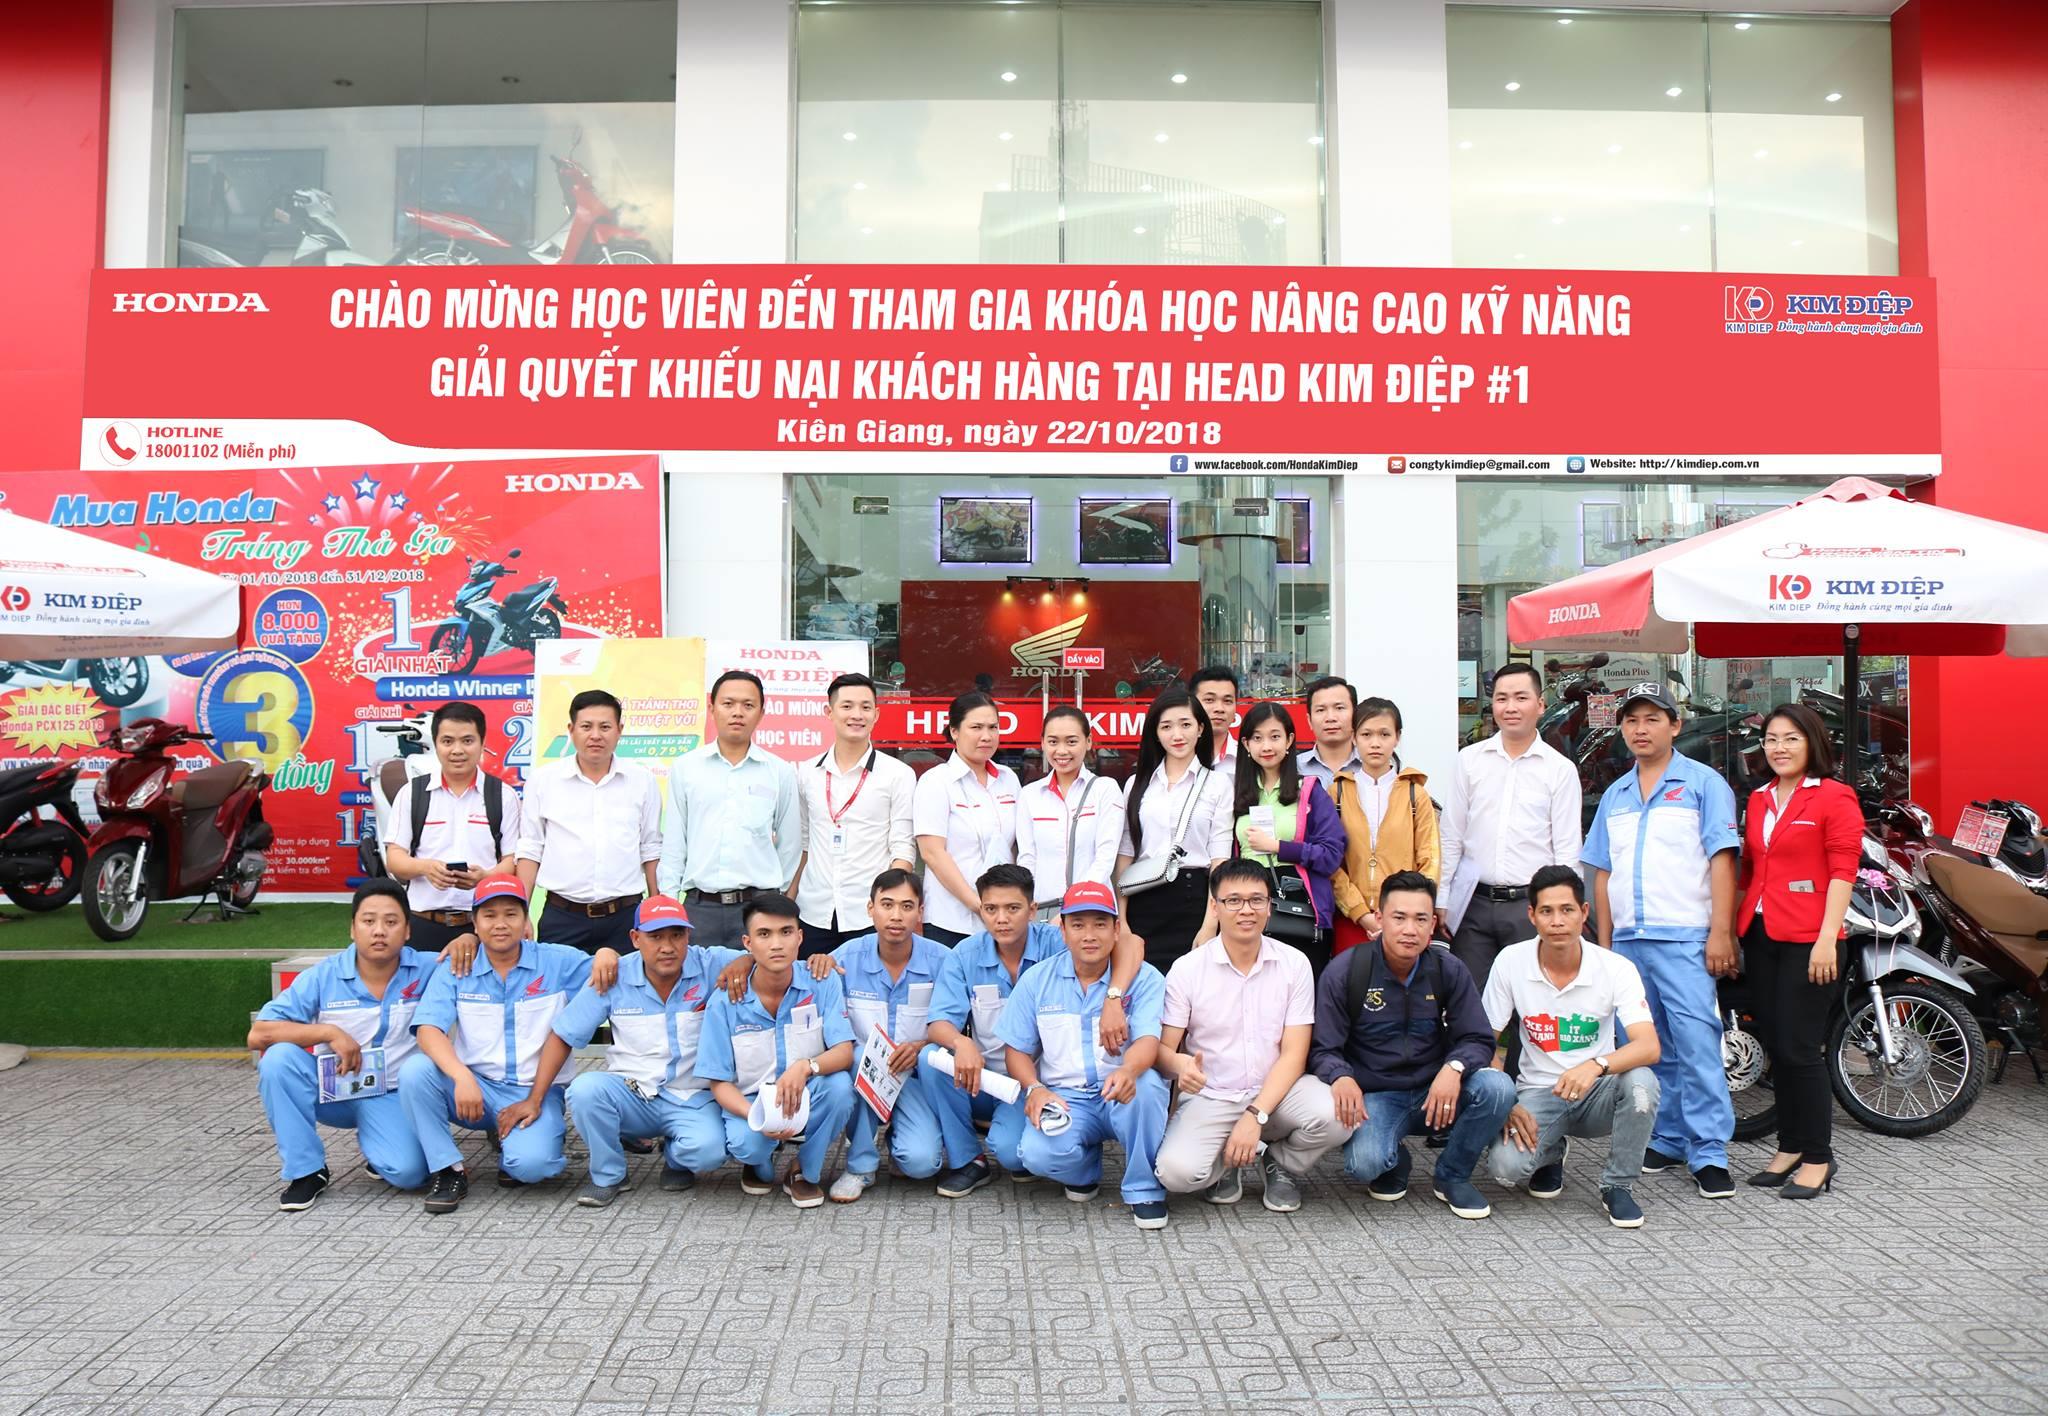 Phòng dịch vụ Khách hàng xe máy Công ty Honda Việt Nam tổ chức khóa học Nâng cao kĩ năng giải quyết khiếu nại khách hàng